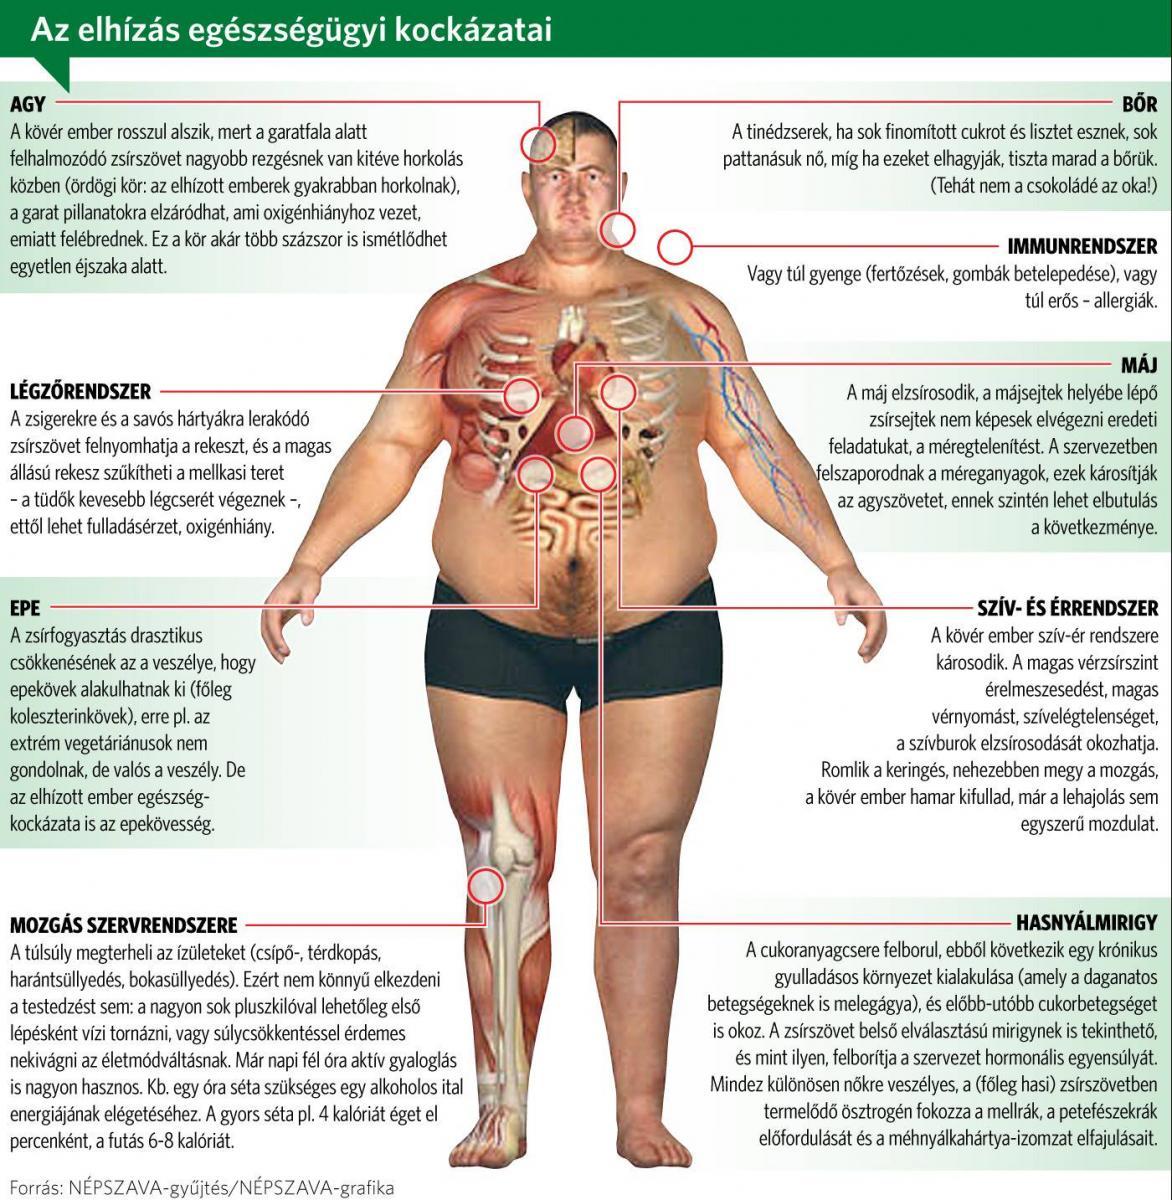 hogyan lehet a mellkas melletti zsírvesztés